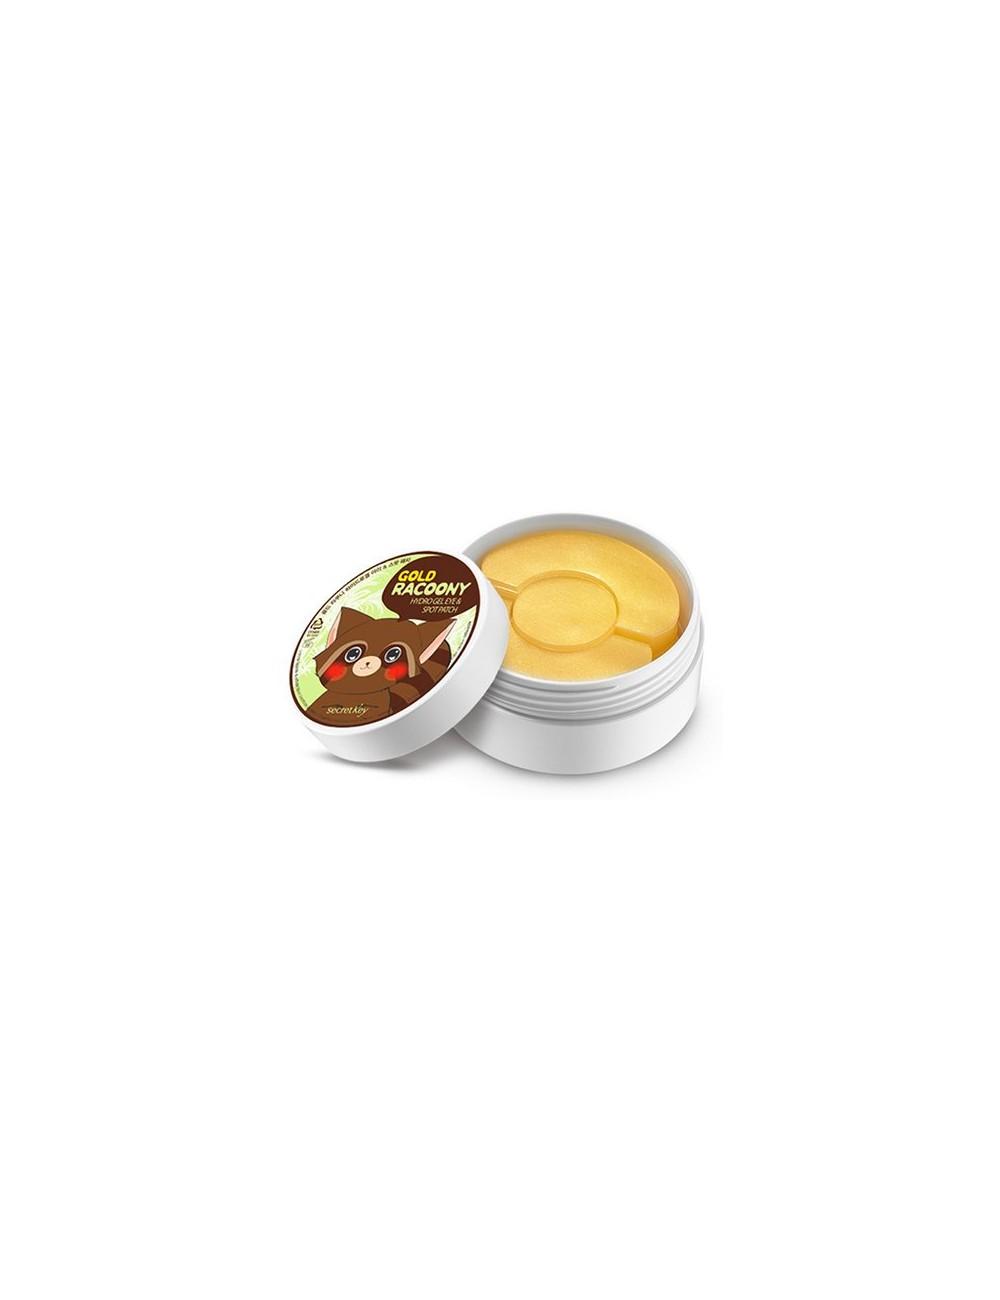 Parches para Contorno de Ojos y Granitos Secret Key Gold Racoony Hydrogel Eye & Spot Patch